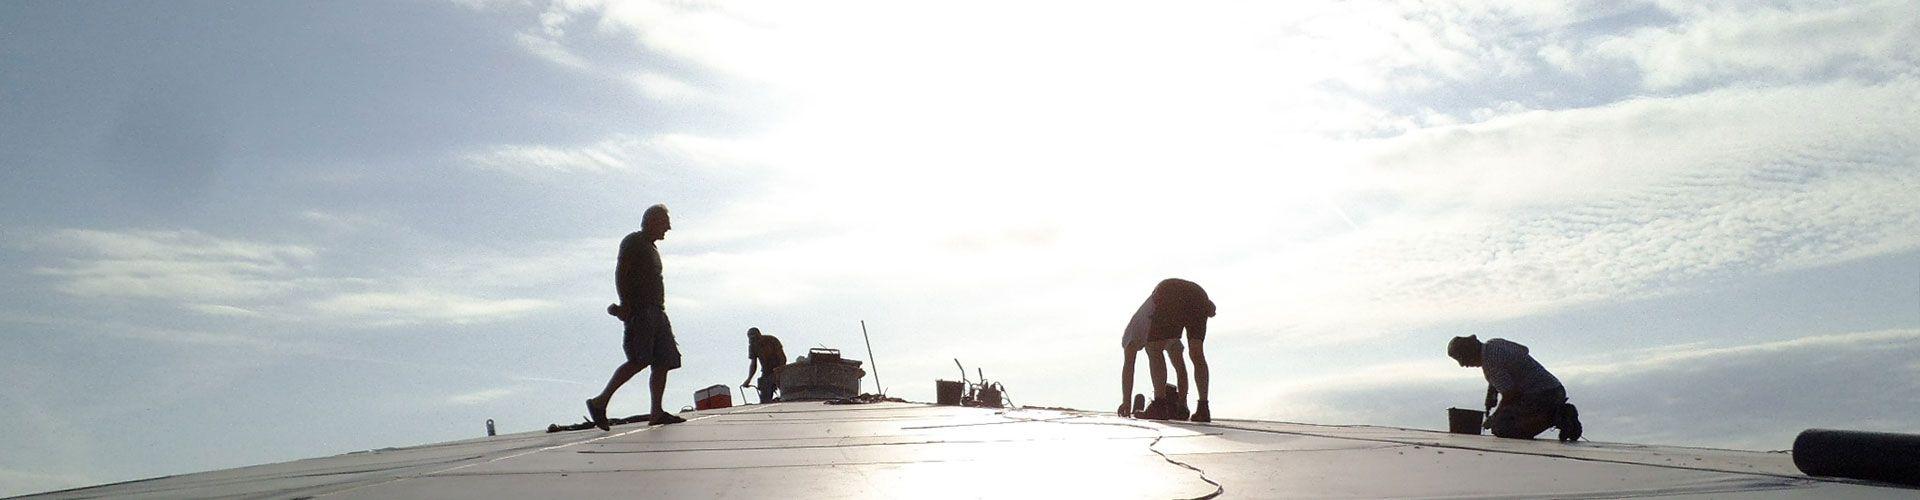 Dachdeckerhandwerk ohne Subunternehmer